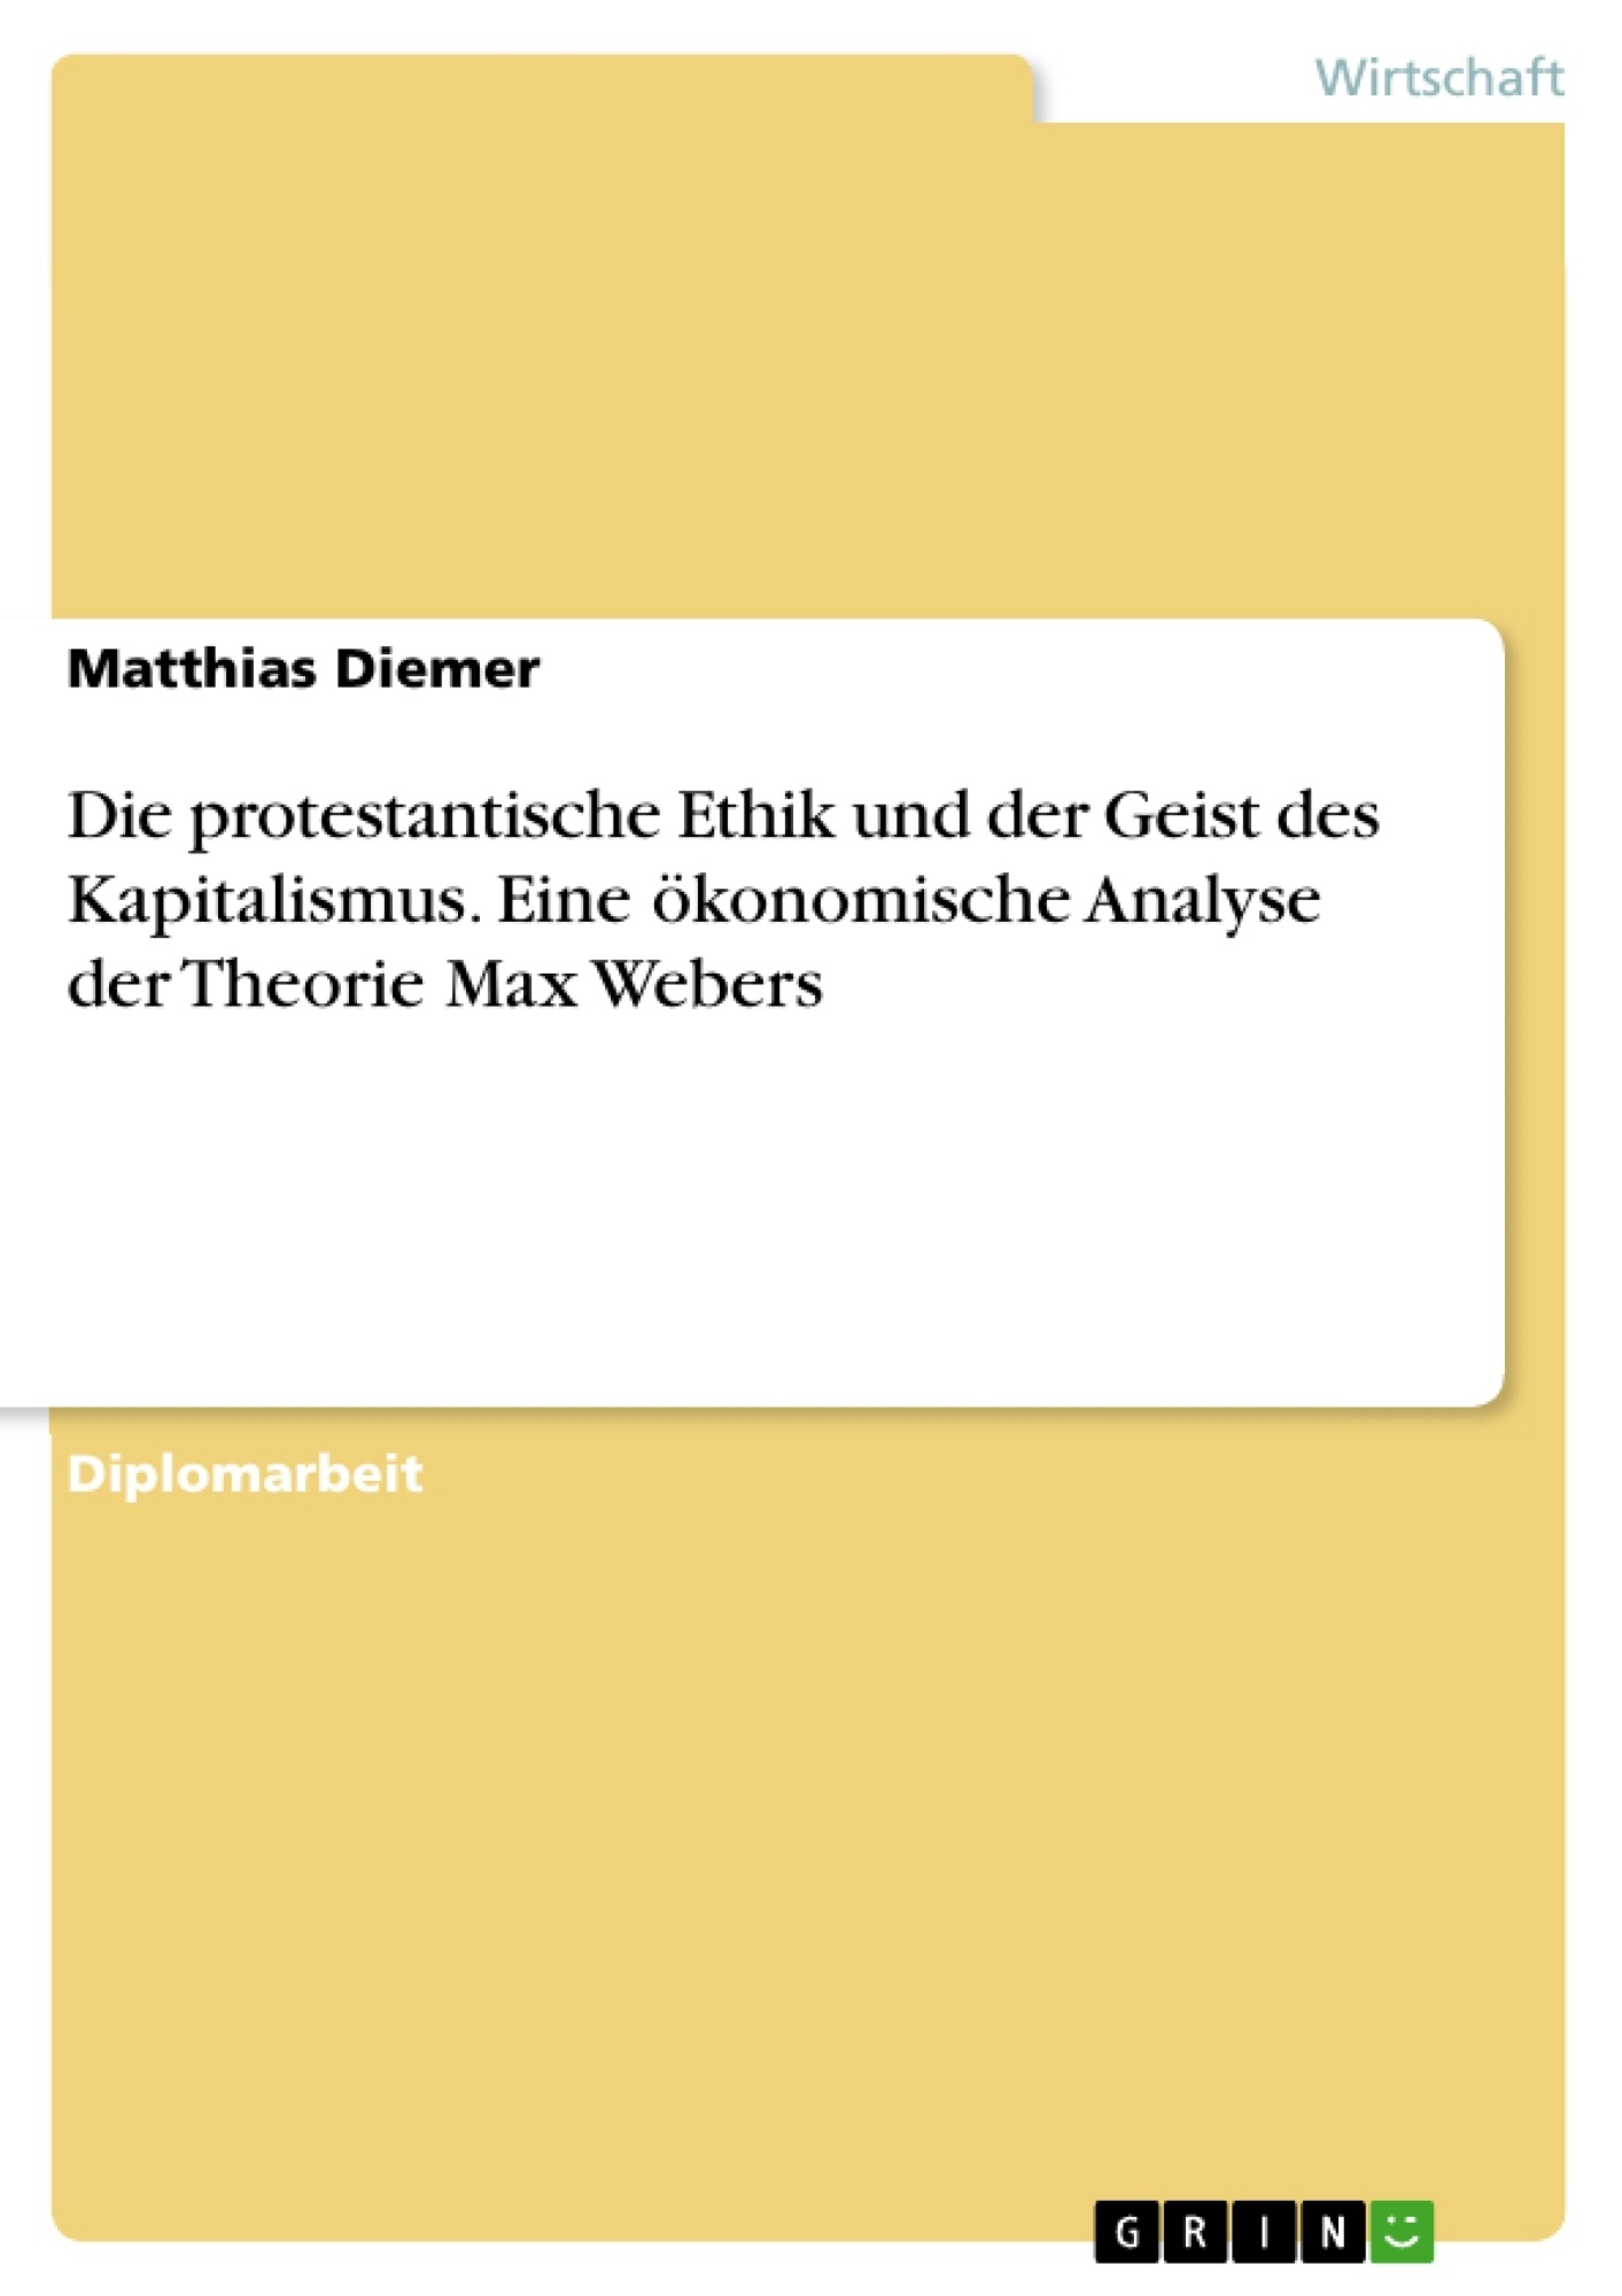 Titel: Die protestantische Ethik und der Geist des Kapitalismus. Eine ökonomische Analyse der Theorie Max Webers